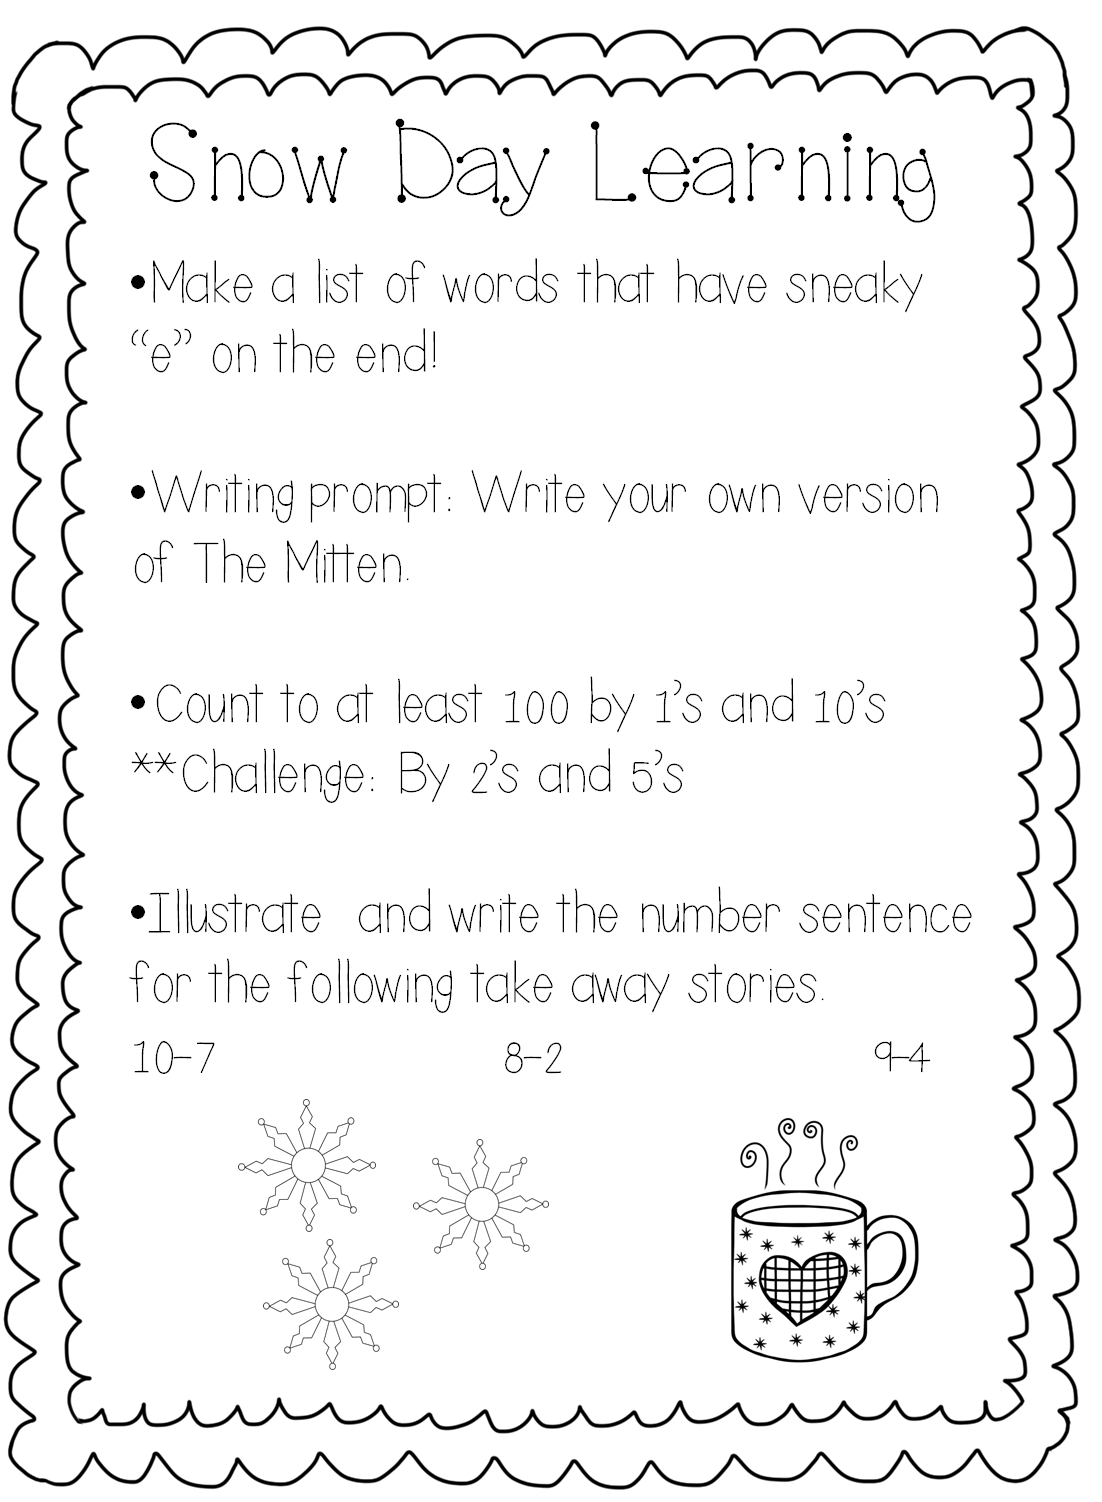 https://www.dropbox.com/s/qfisfq0342qgkgr/snowday%20jan26.pdf?dl=0